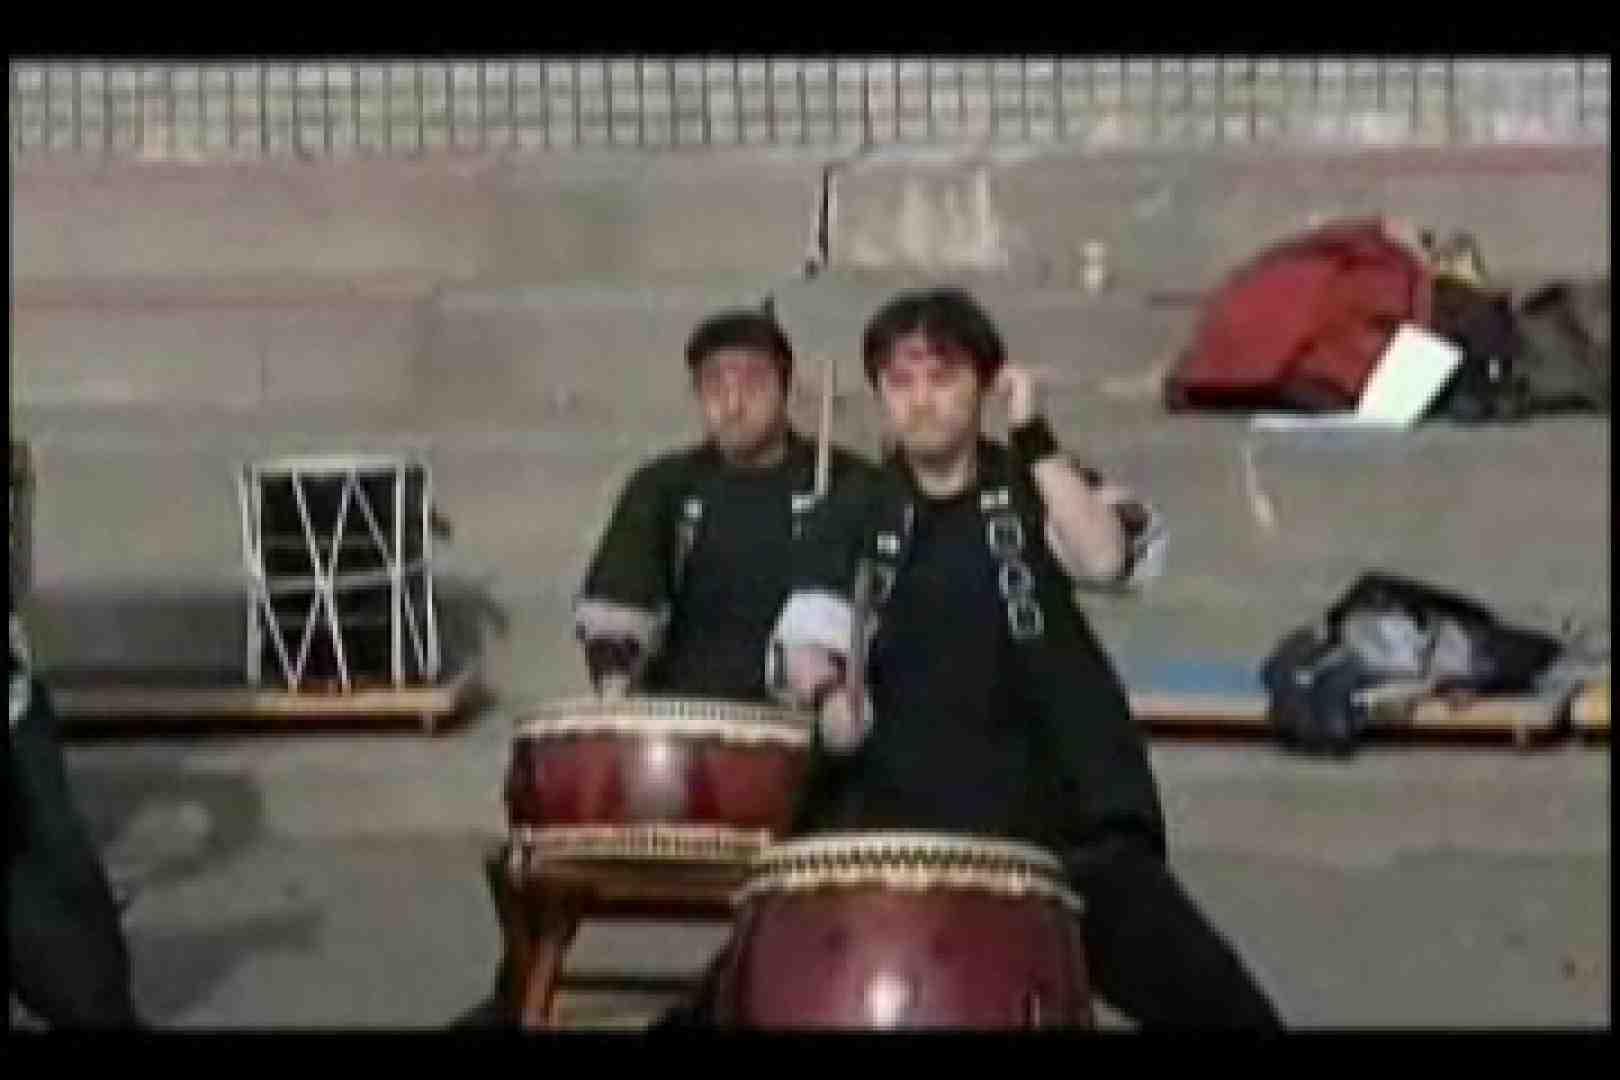 陰間茶屋 男児祭り VOL.1 野外露出 ゲイ素人エロ画像 66枚 32